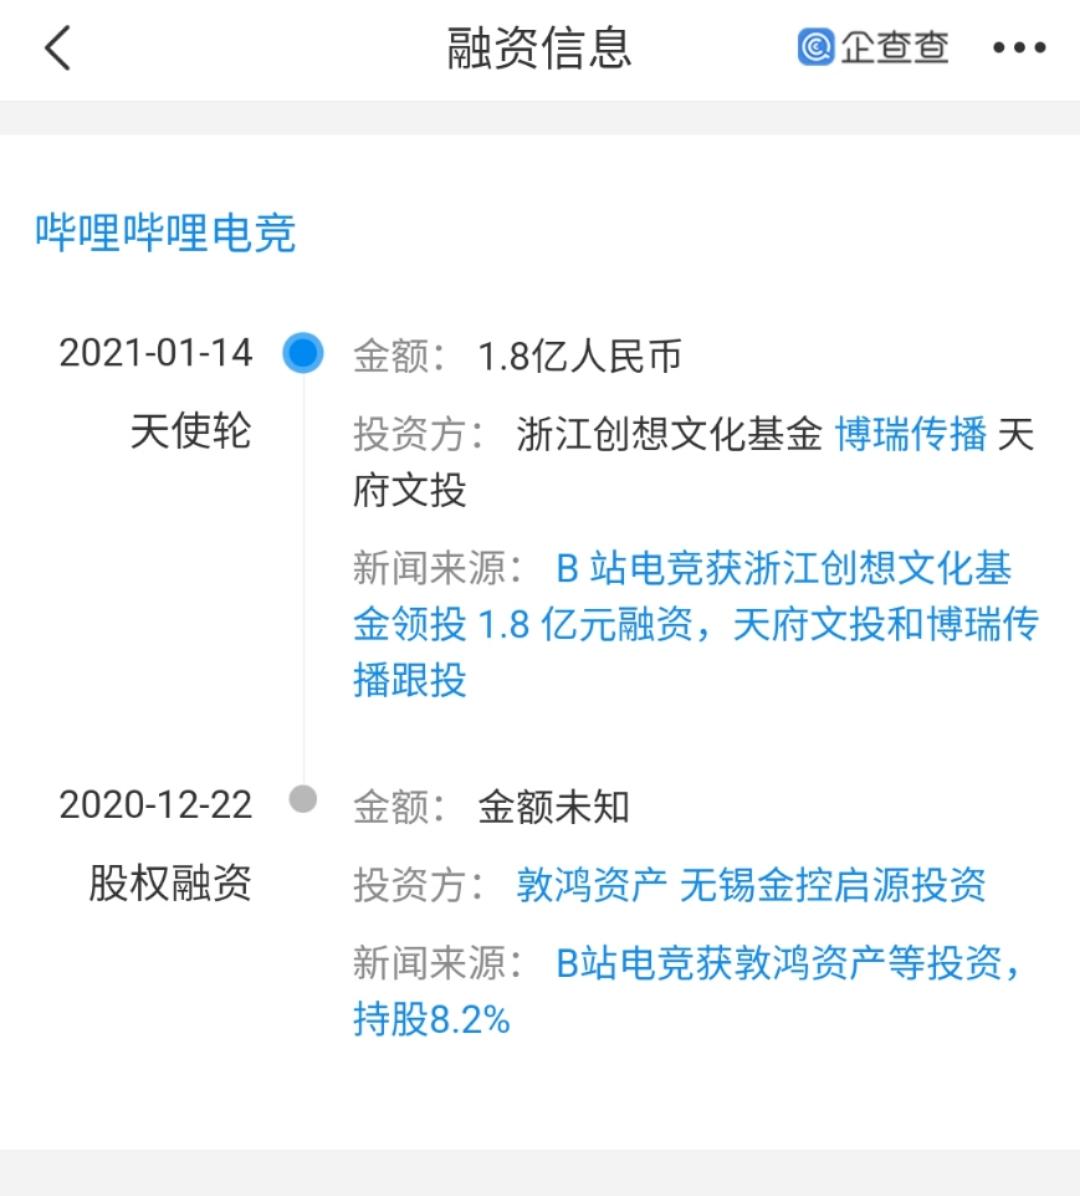 """""""哔哩哔哩电竞""""完成1.8亿元融资"""